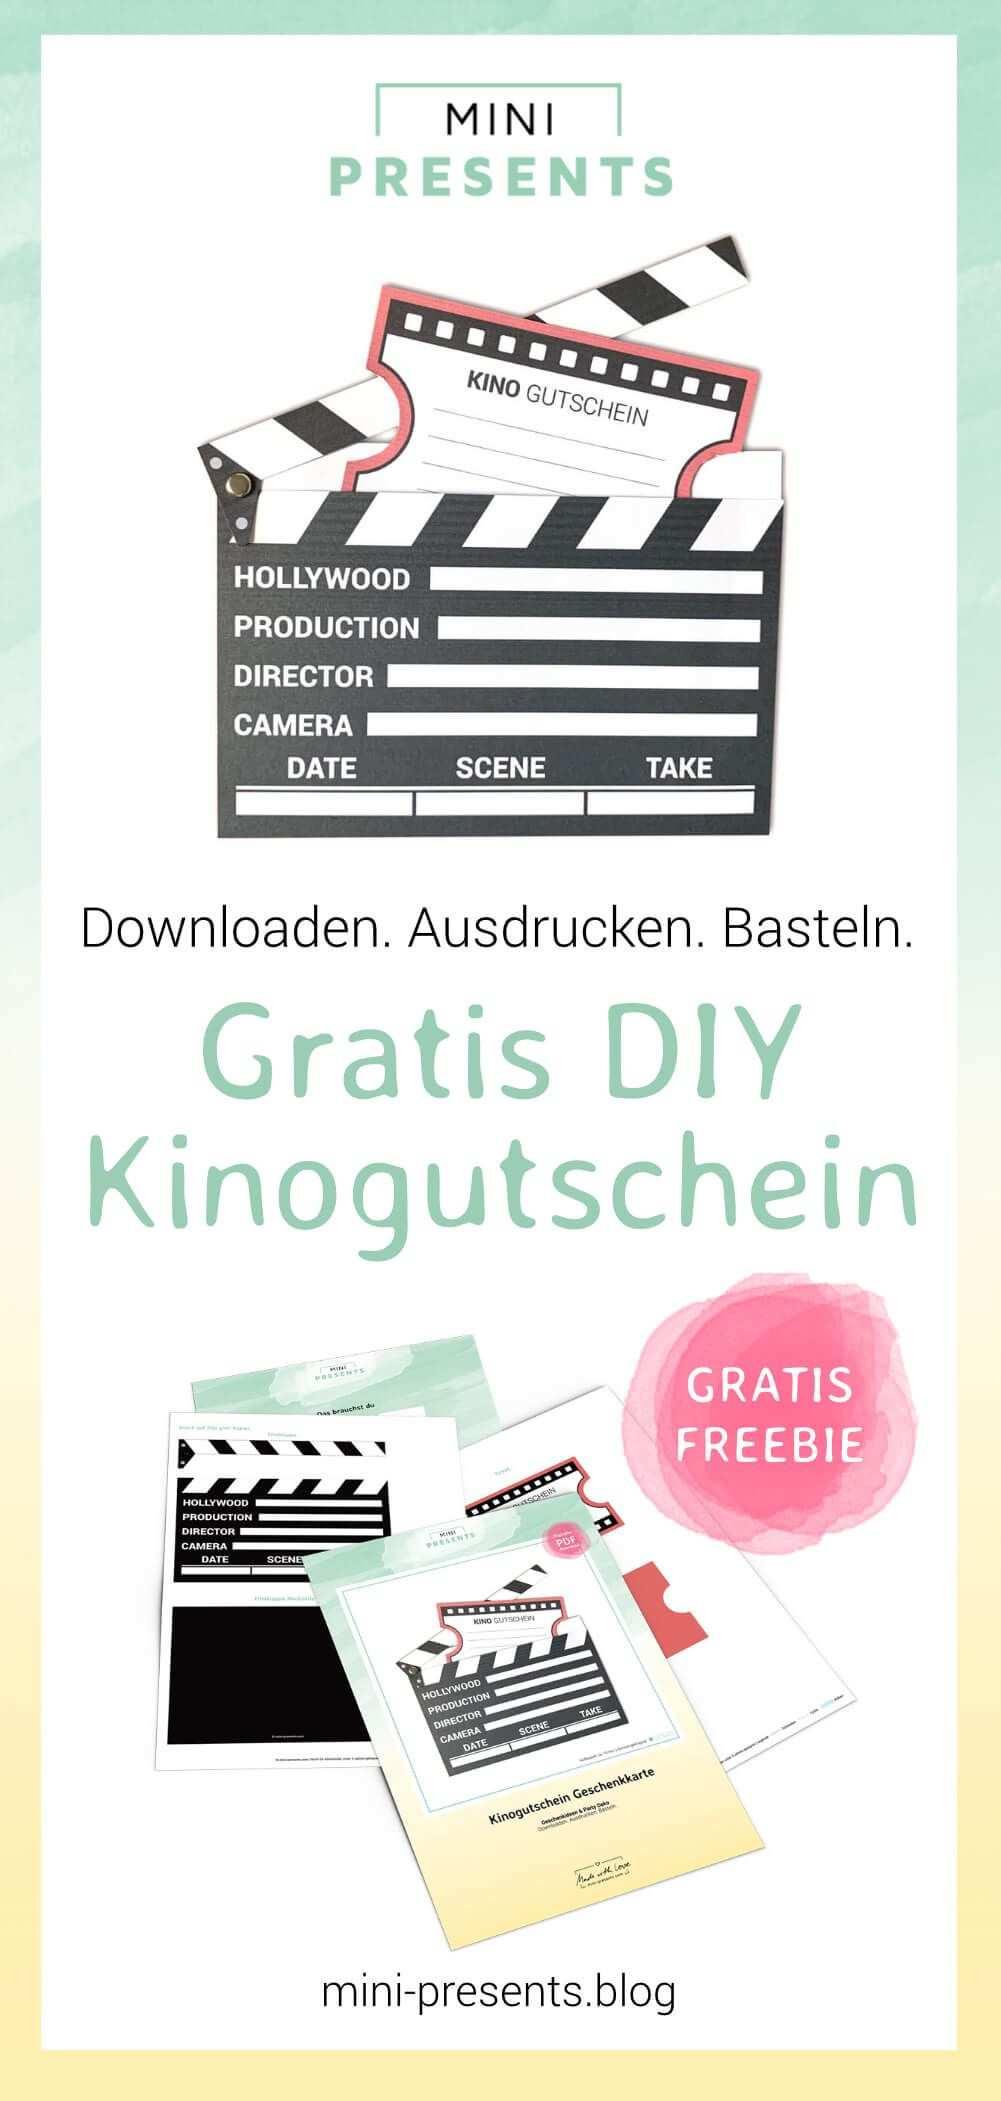 Kinogutschein Als Filmklappe Basteln Mini Presents Blog Kinogutschein Gutschein Basteln Kino Kinogutschein Basteln